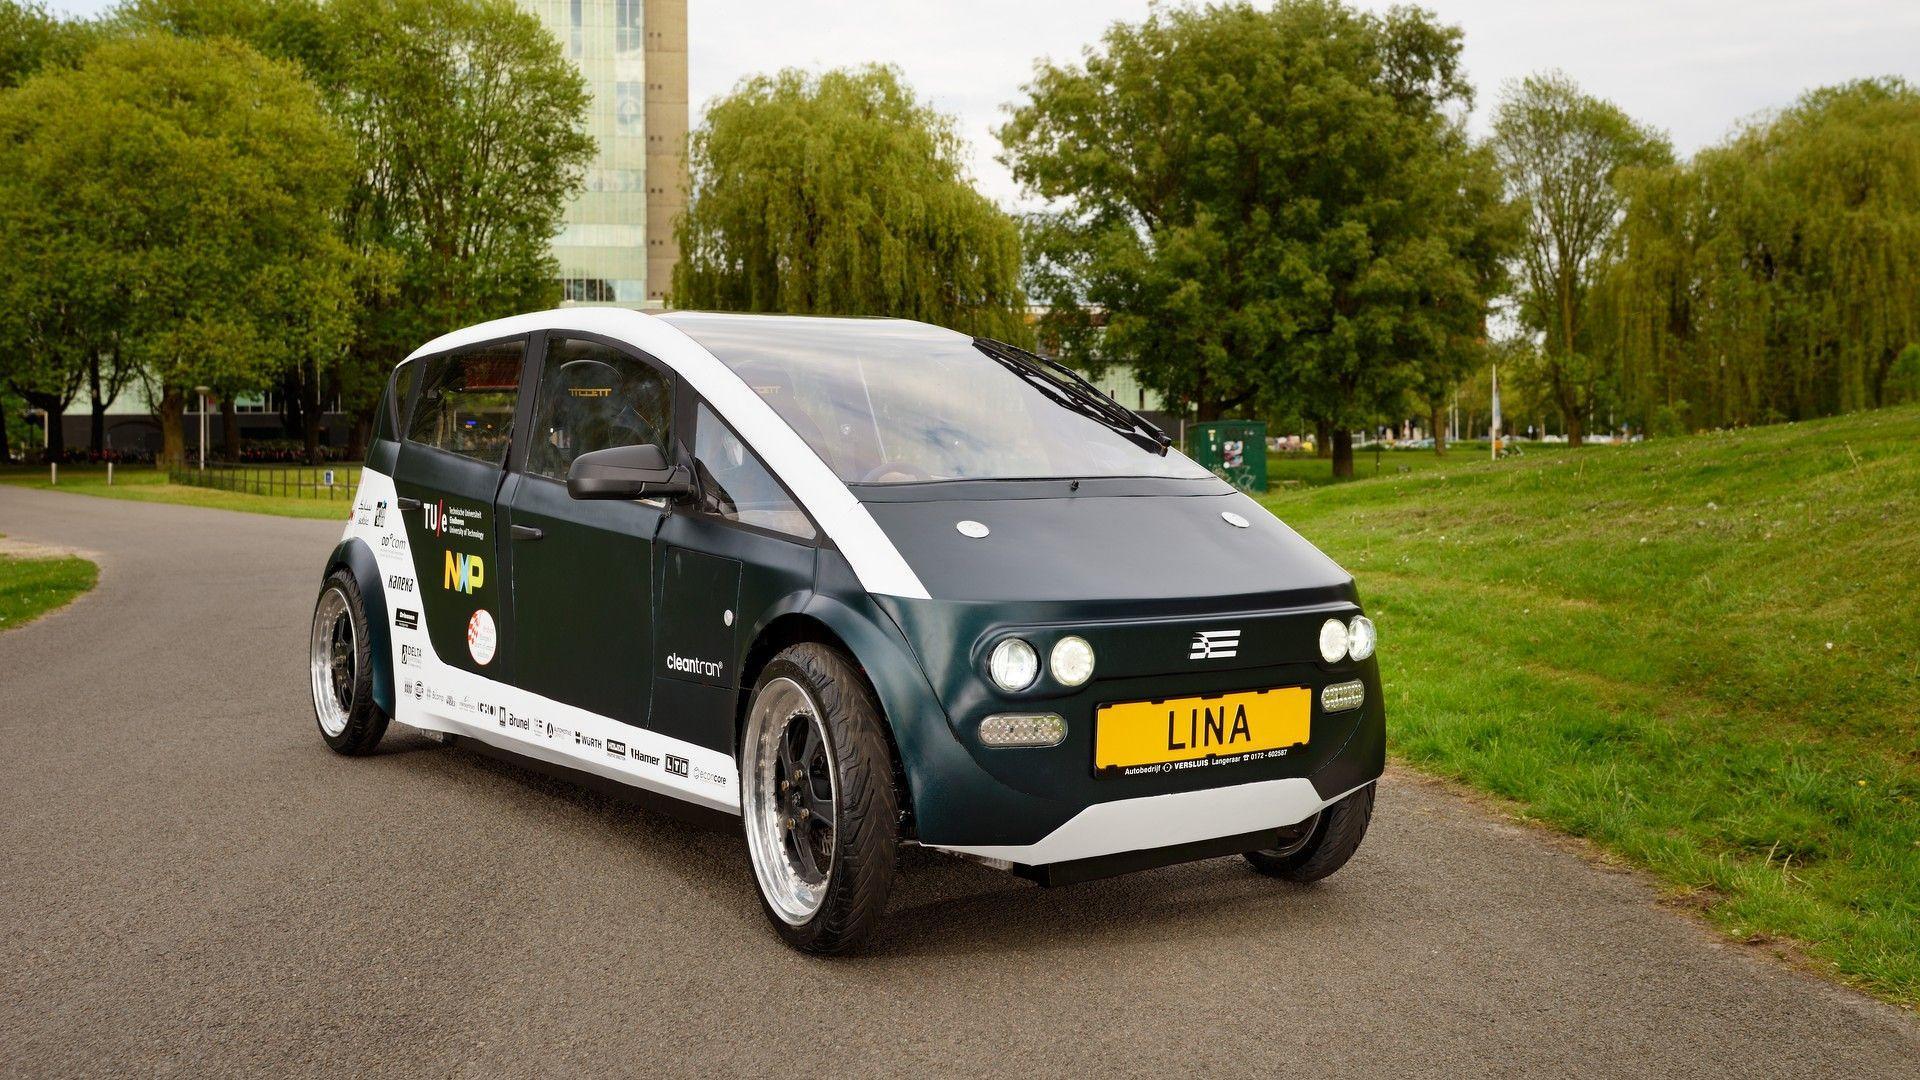 lina-bio-composite-car (15)